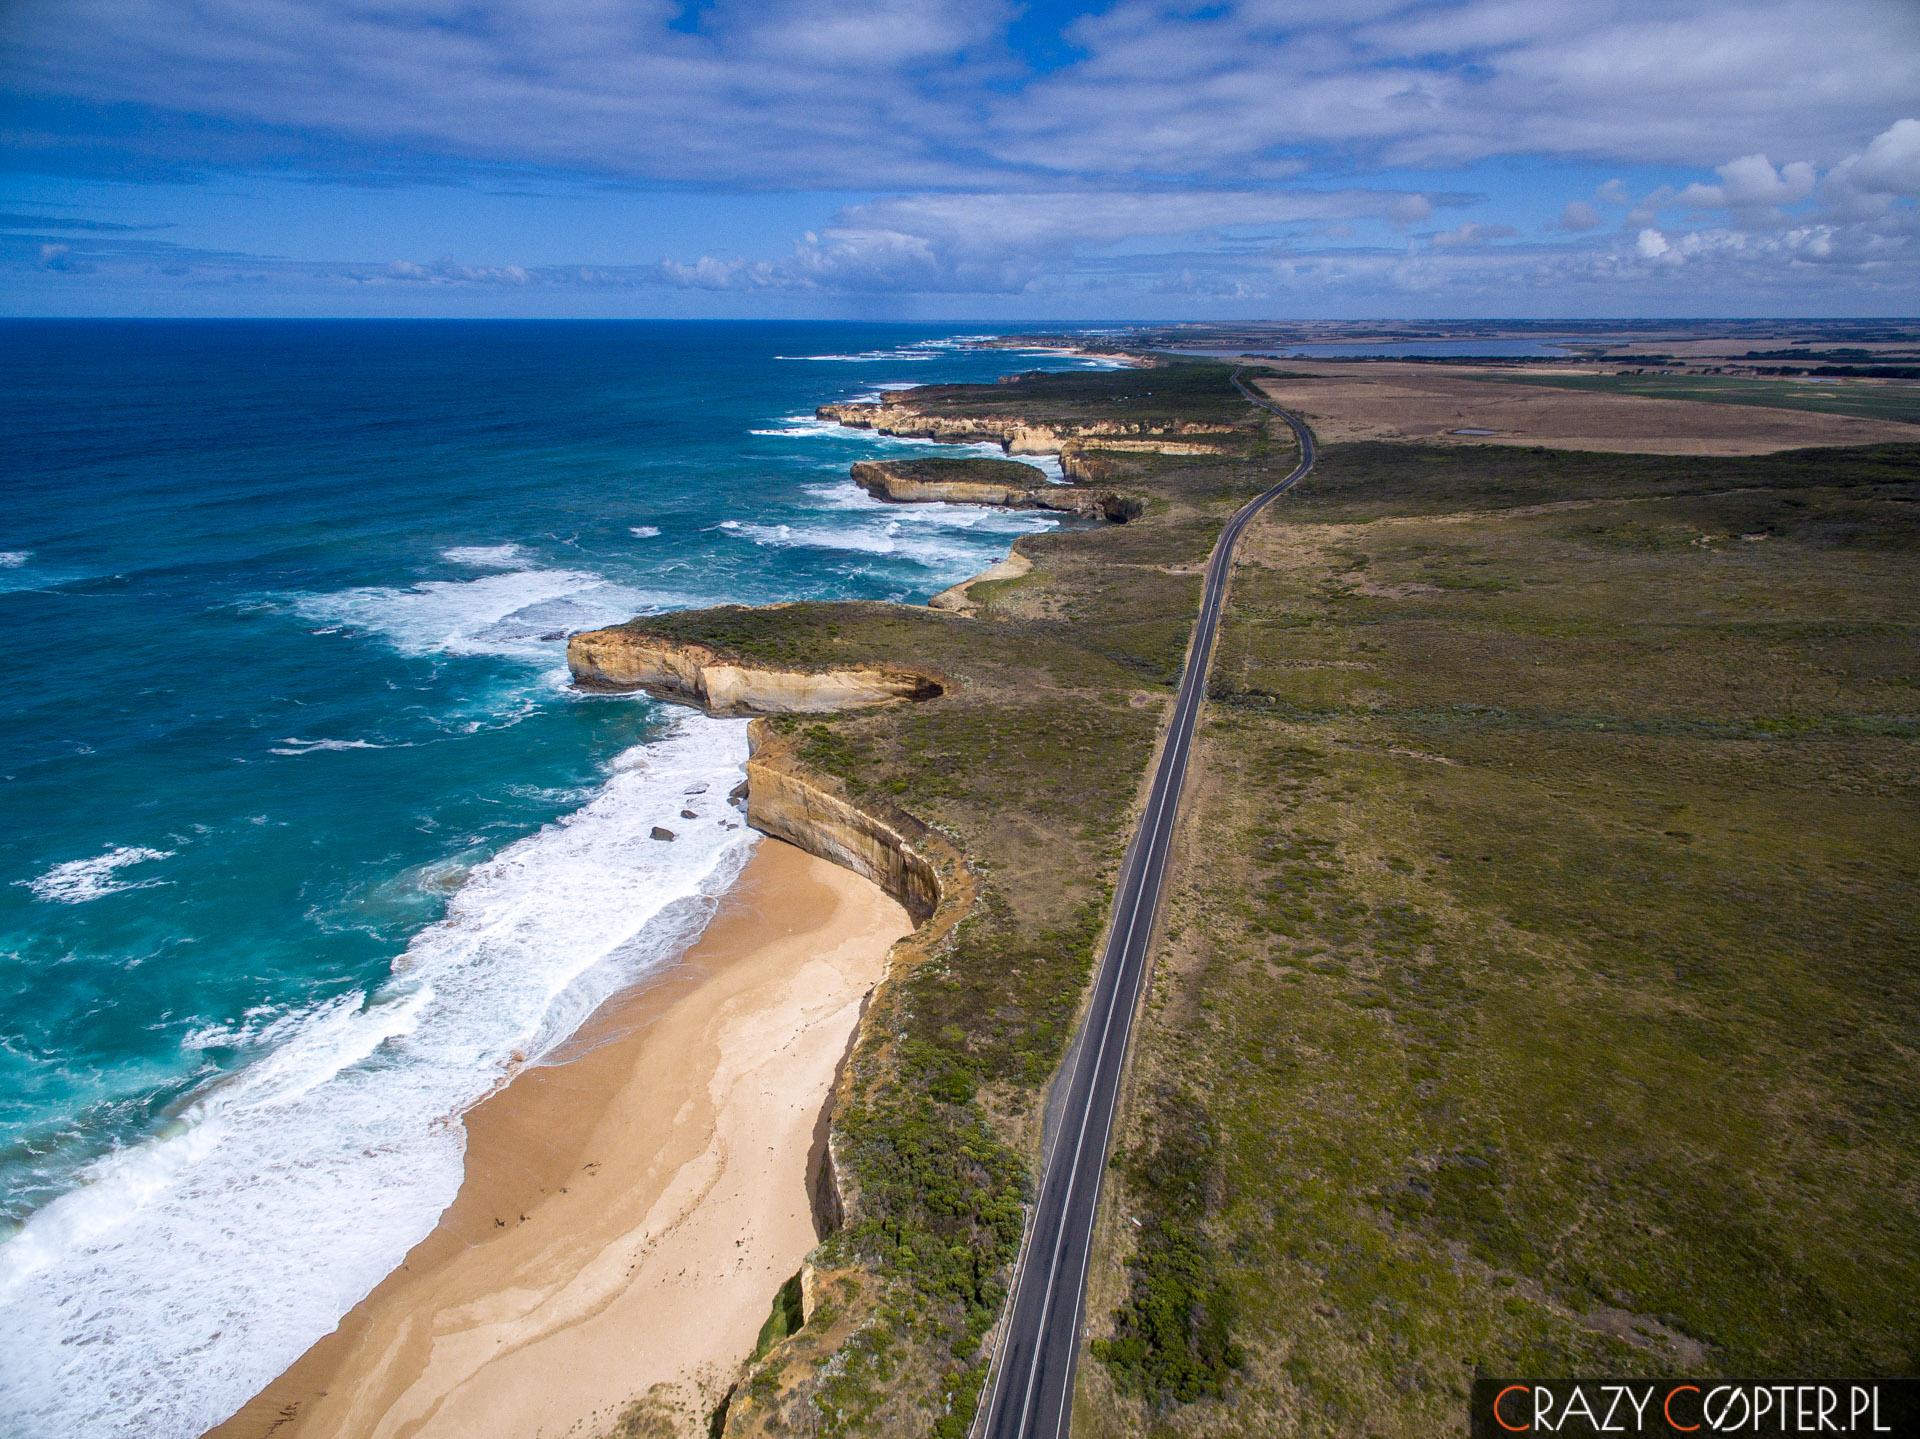 Zdjęcia z drona Great Ocean Road, Australia